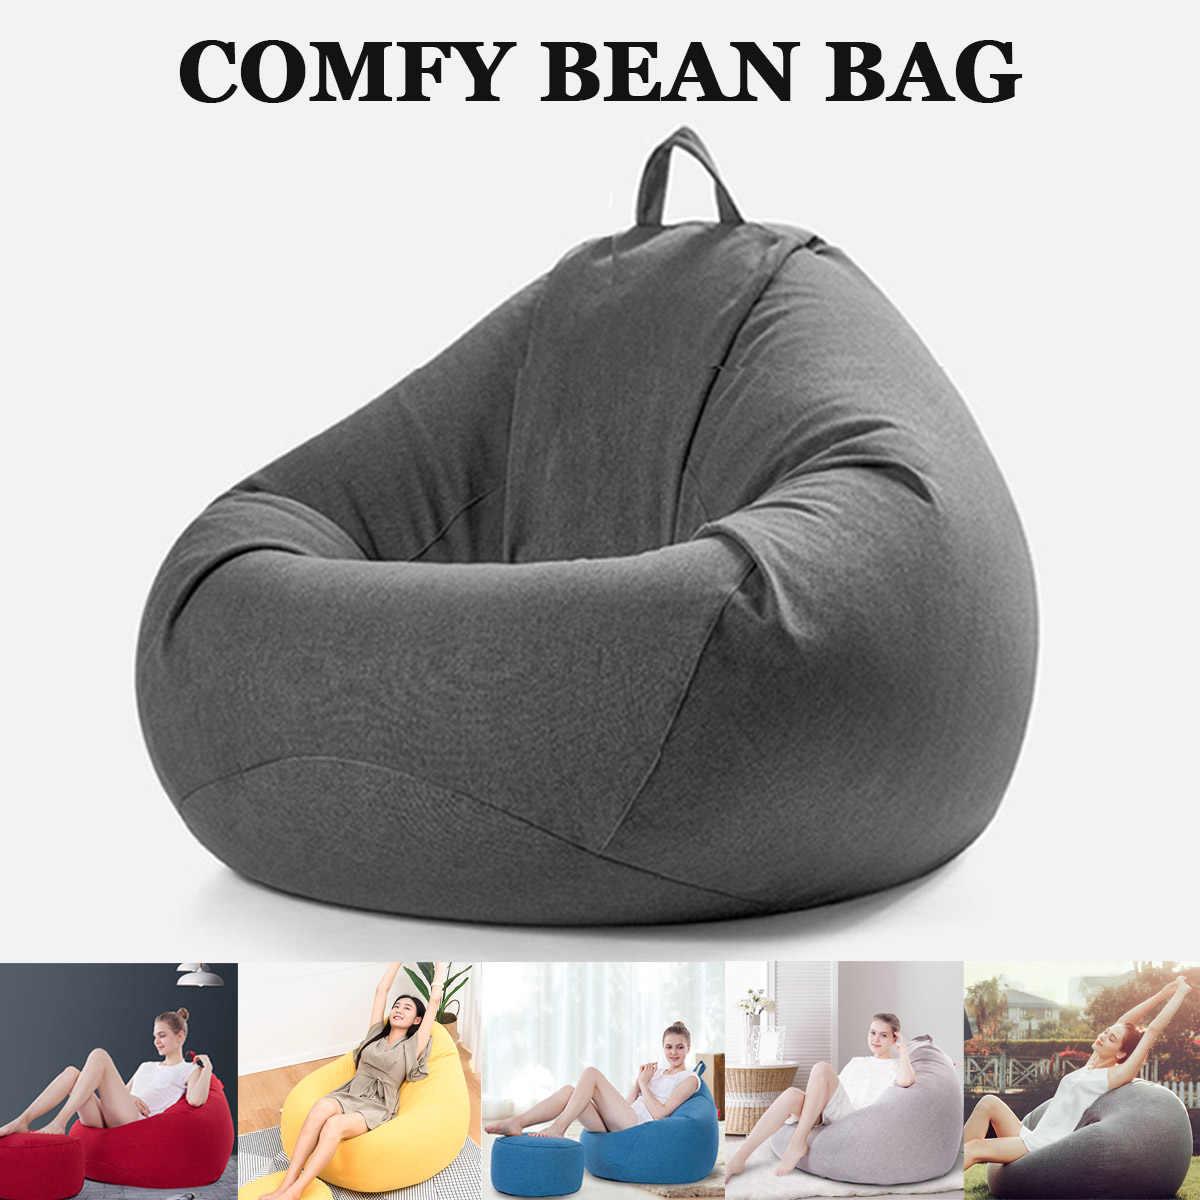 Уютное кресло-мешок диваны без наполнителя льняной ткани лежак сиденье Кресло-мешок, фасоль стулья пуф буфами на рукавах диван татами Гостиная мебель